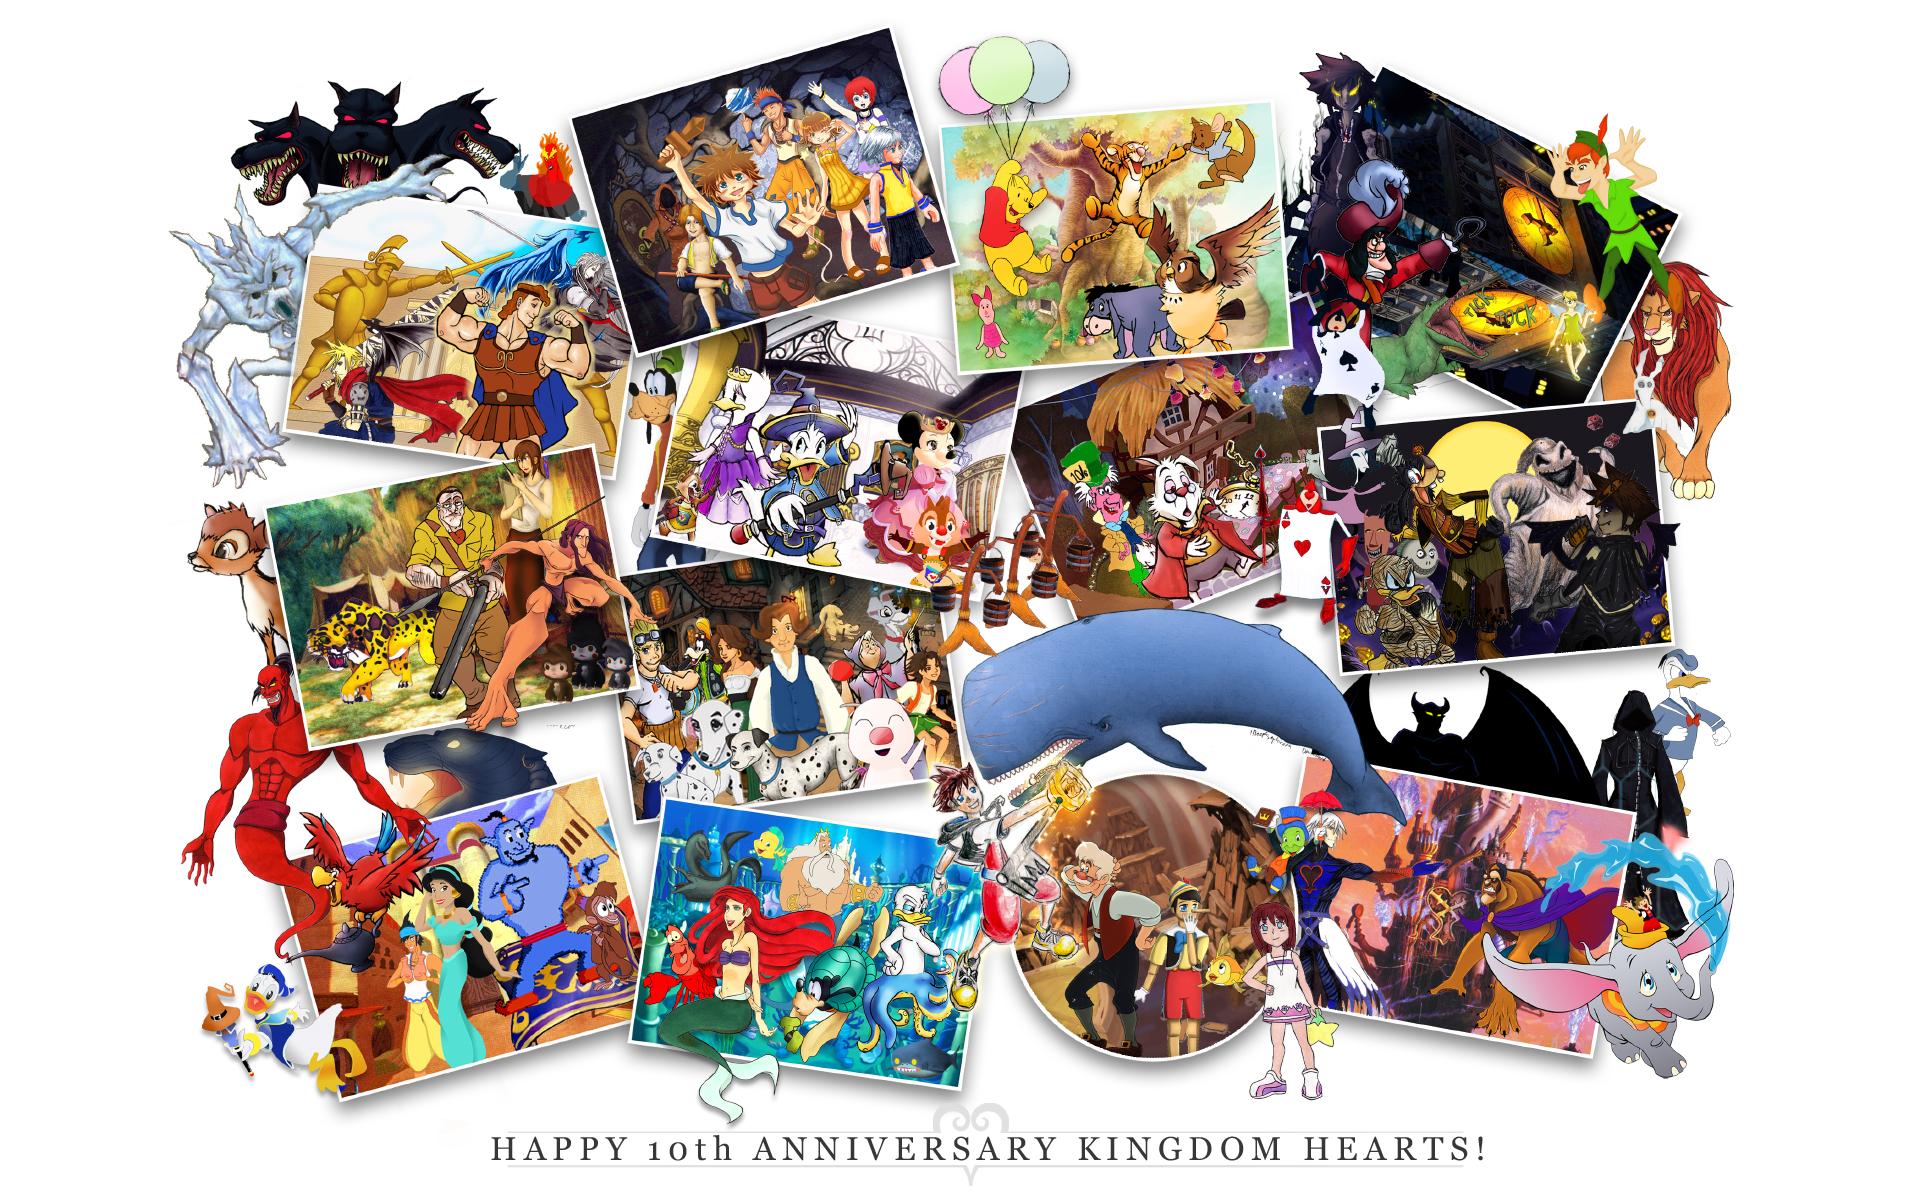 Video Juegos Imagenes Kingdom Hearts Fondo De Pantalla Hd Fondo De